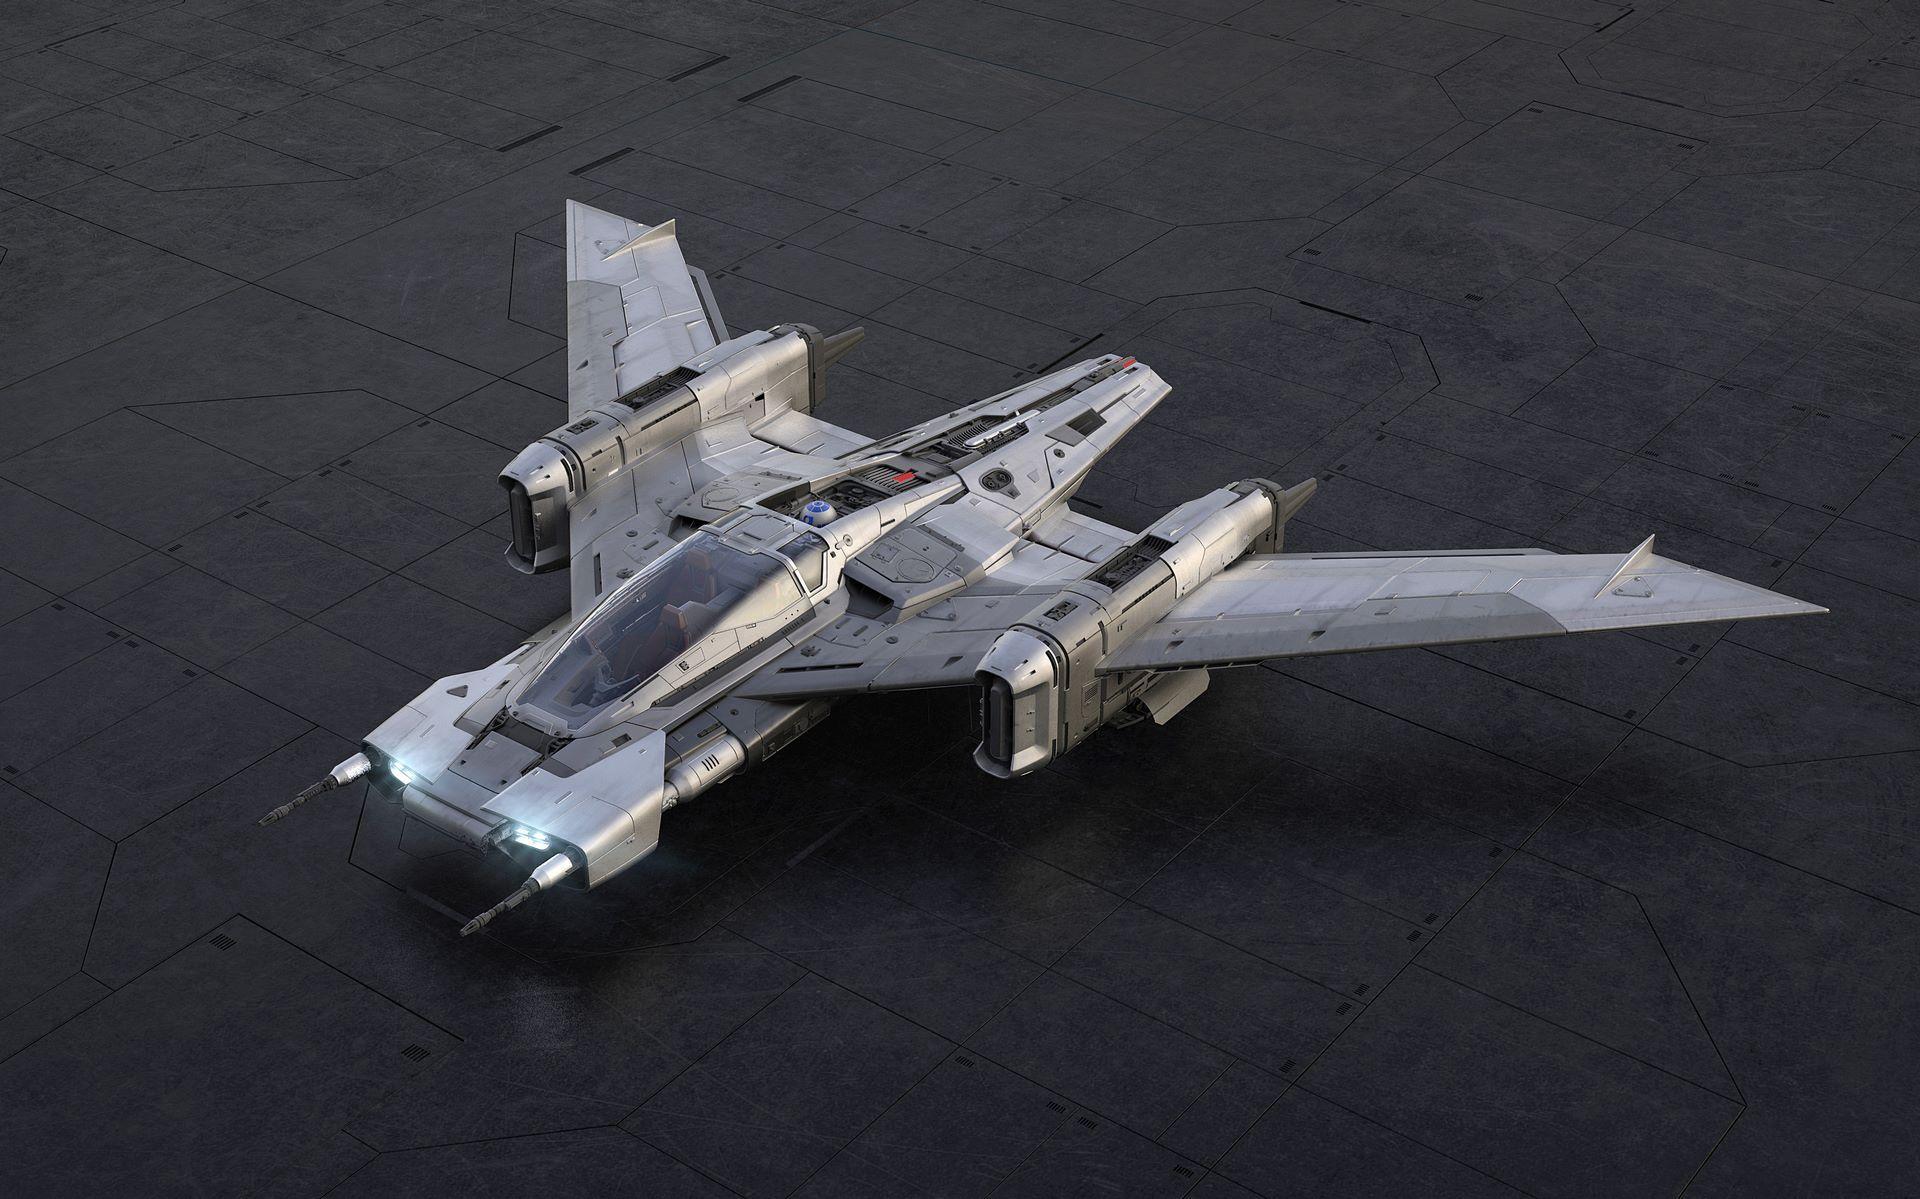 Porsche-Star-Wars-starfighter-space-ship-1